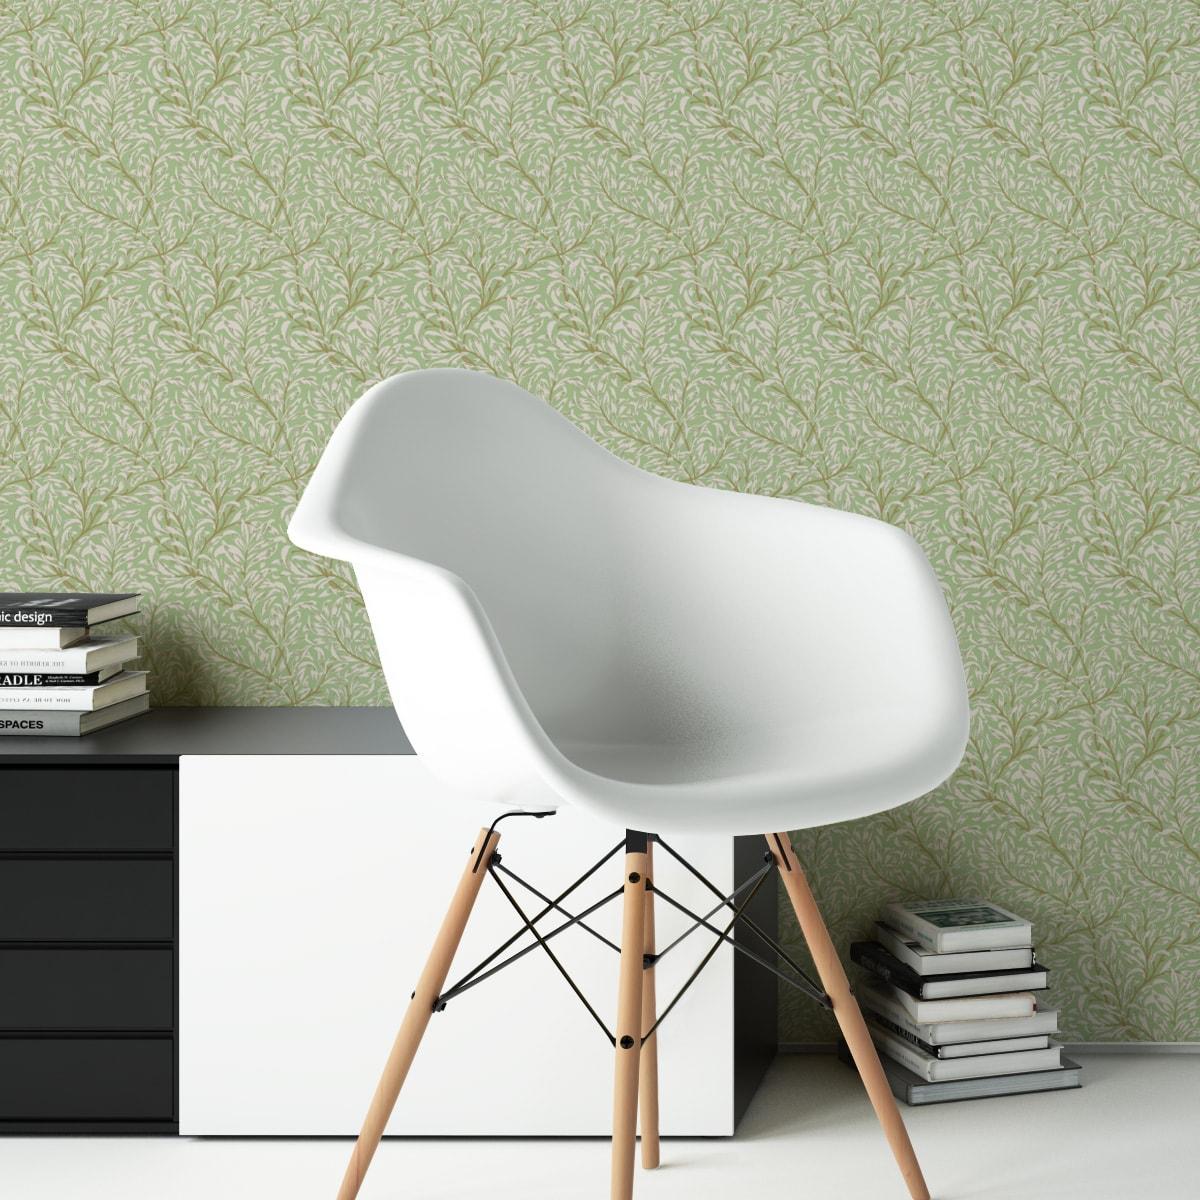 """Jugendstil Tapete """"Wilde Weiden"""" nach William Morris, grüne Vlies Tapete Blumen Natur, schöne Blumentapete für Flur, Büro"""